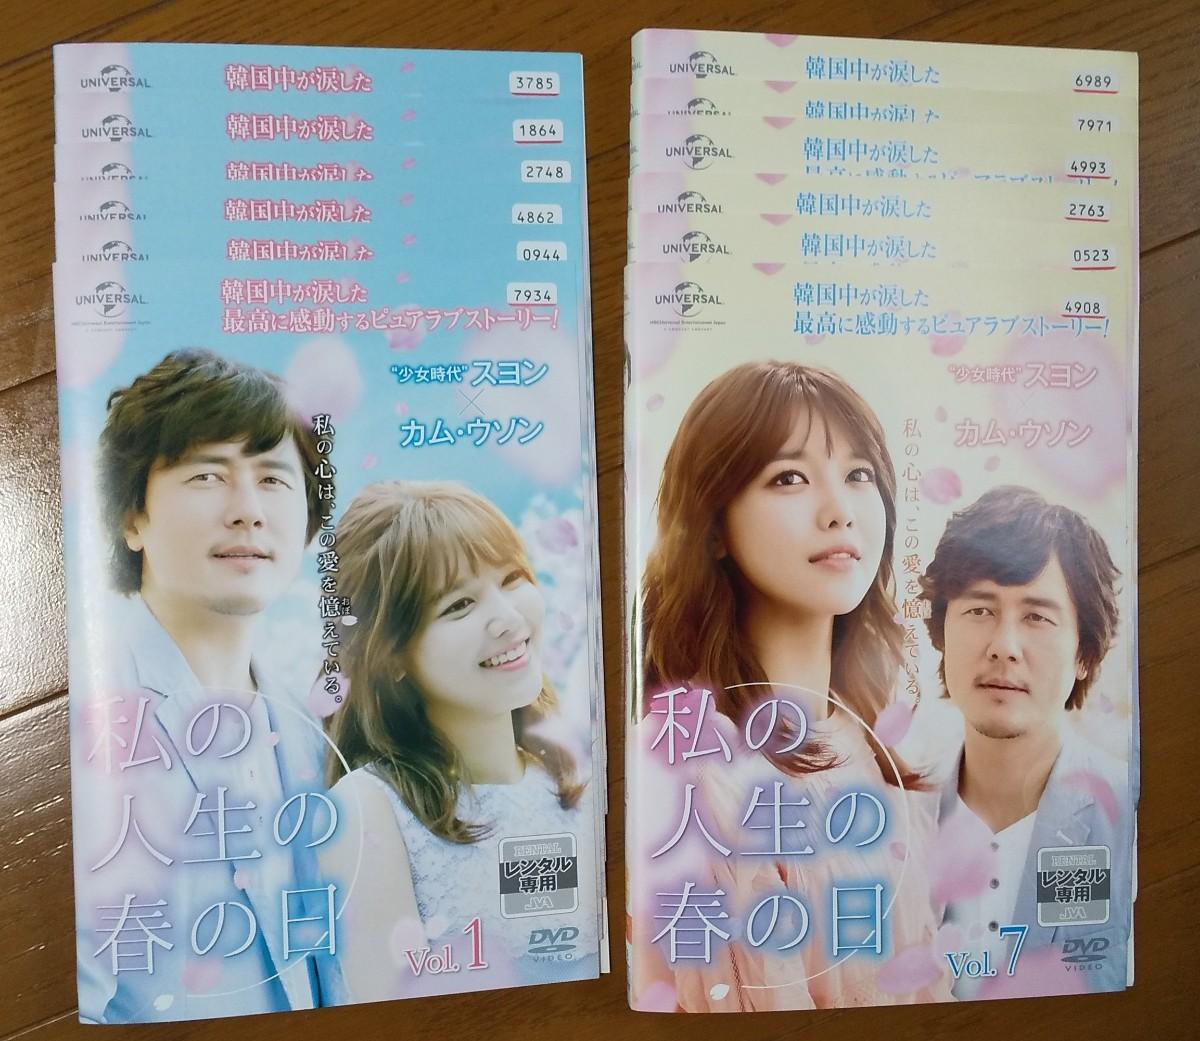 「私の人生の春の日」全12巻 中古DVDレンタル落ち 出演:スヨン(少女時代) カム・ウソン  韓国ドラマ